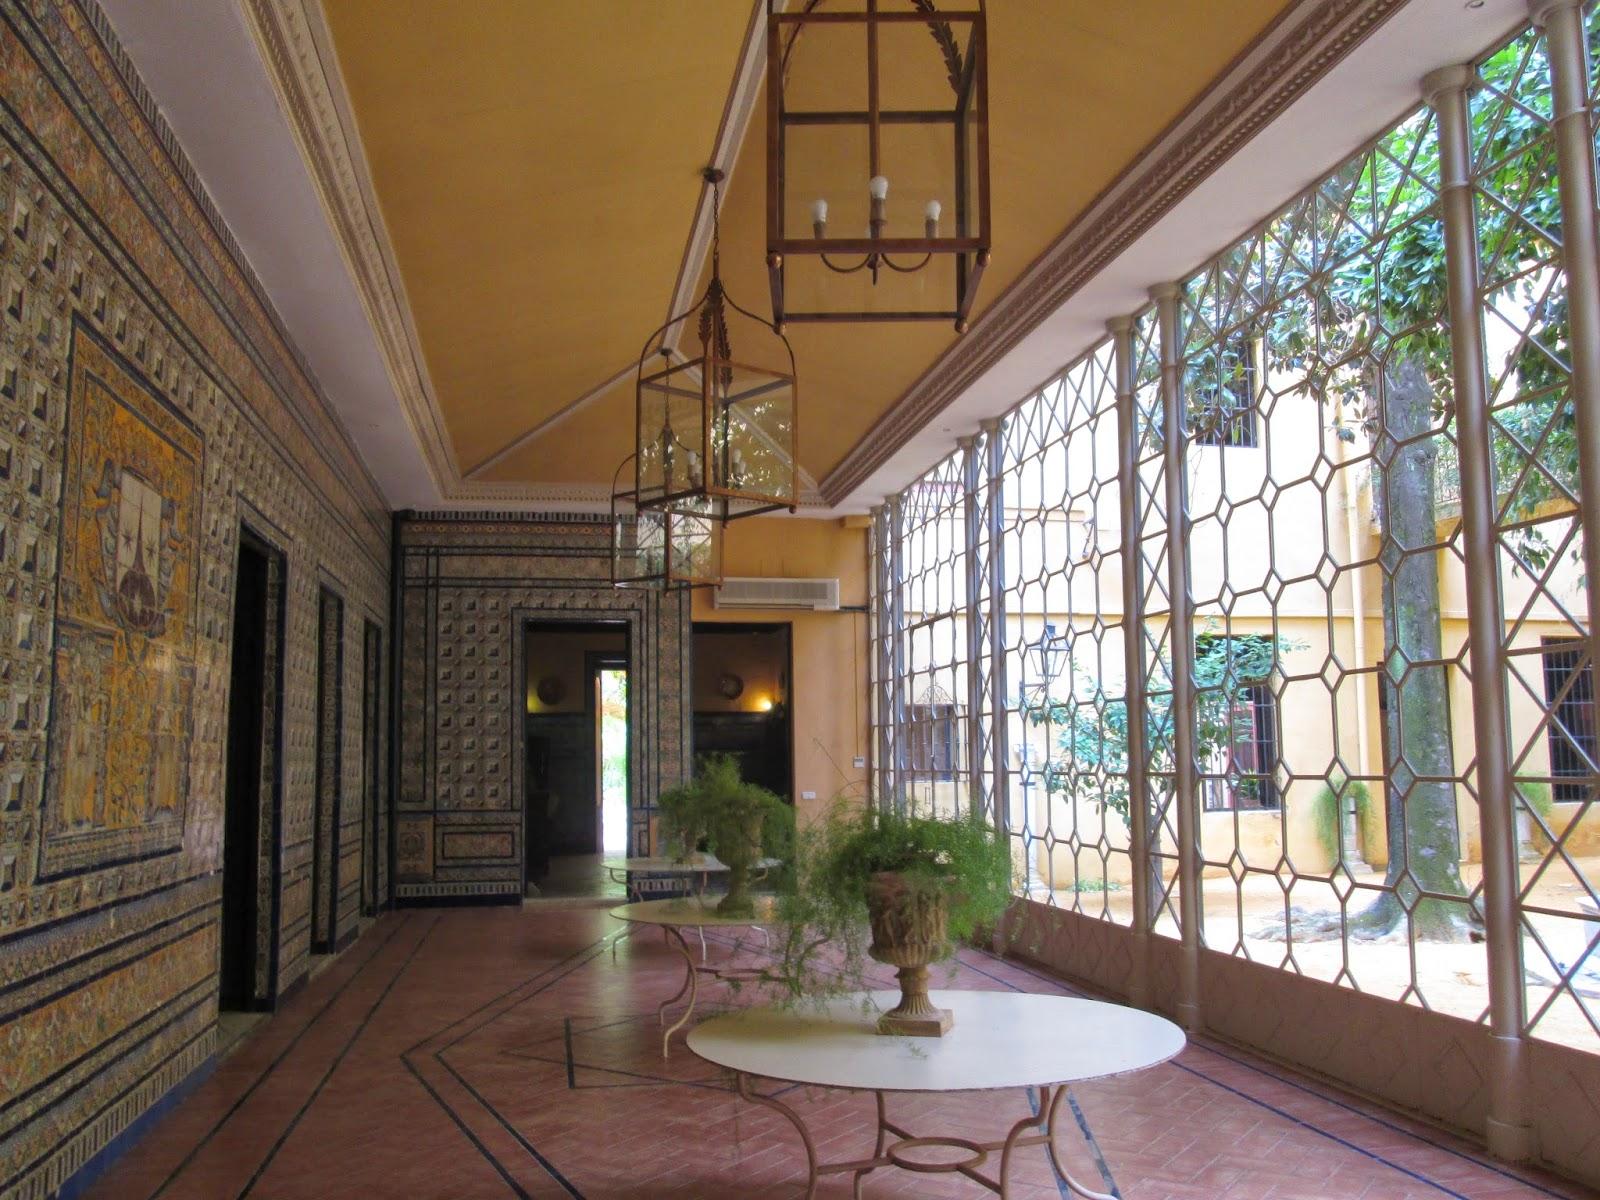 Declaraci n de intenciones el palacio de la condesa de lebrija - Apartamentos los angeles sevilla ...